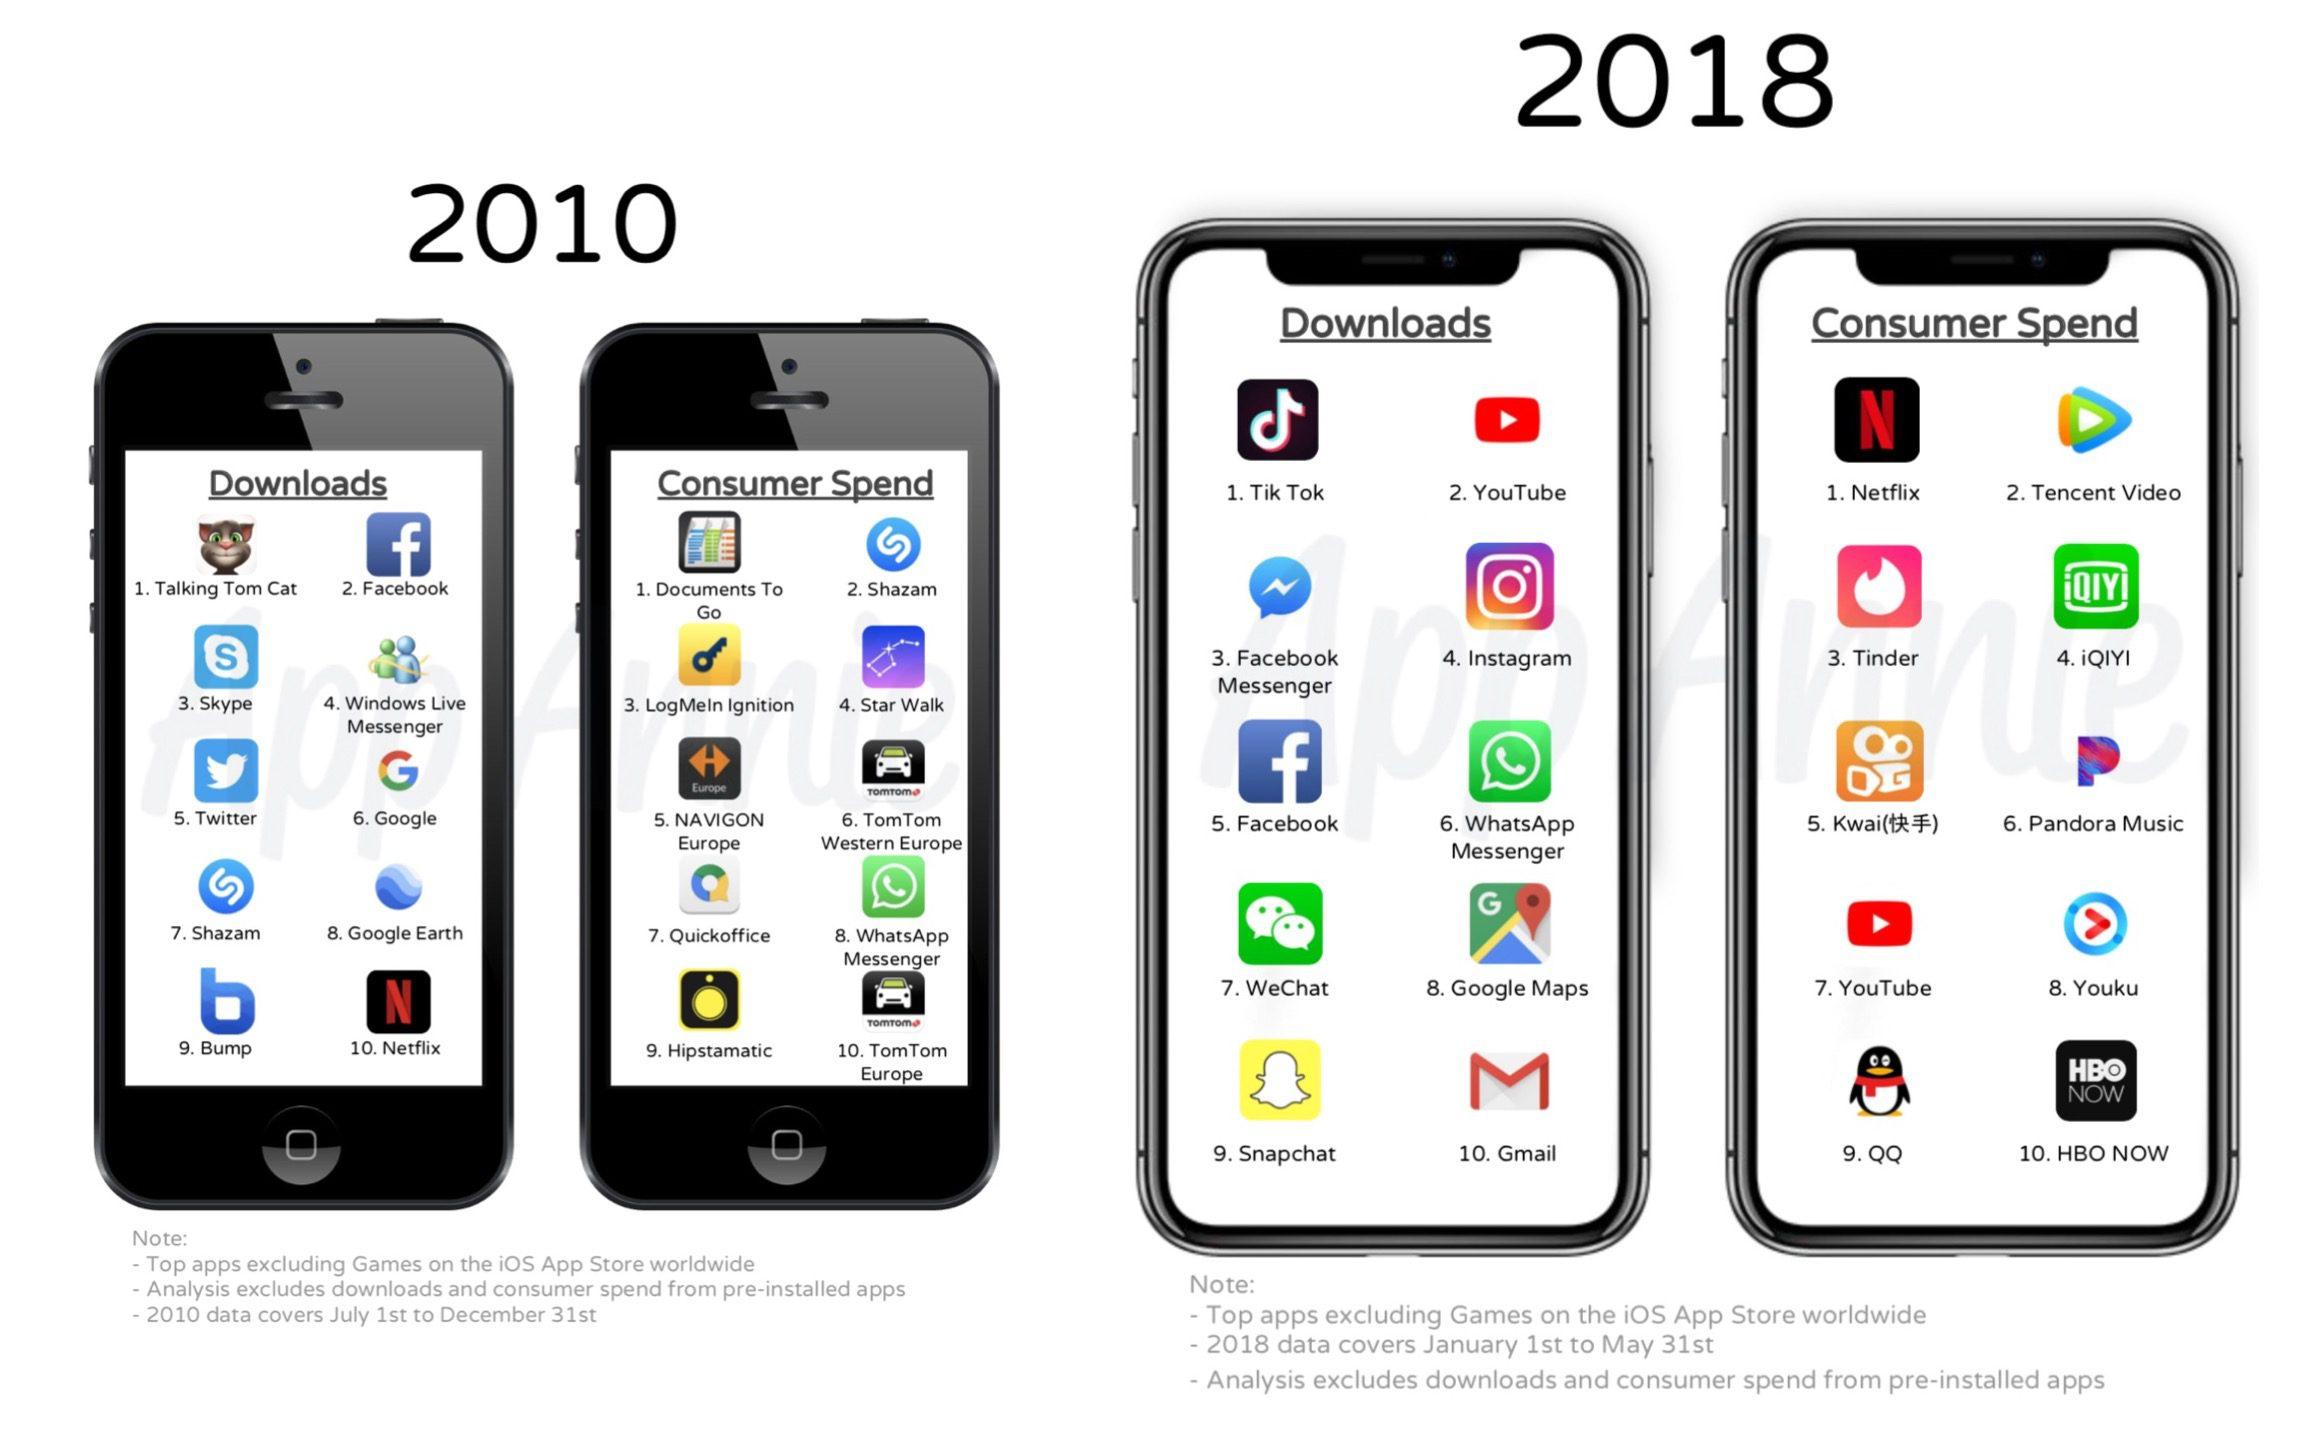 Mye har skjedd siden 2010, men noen klassikere forblir populære.